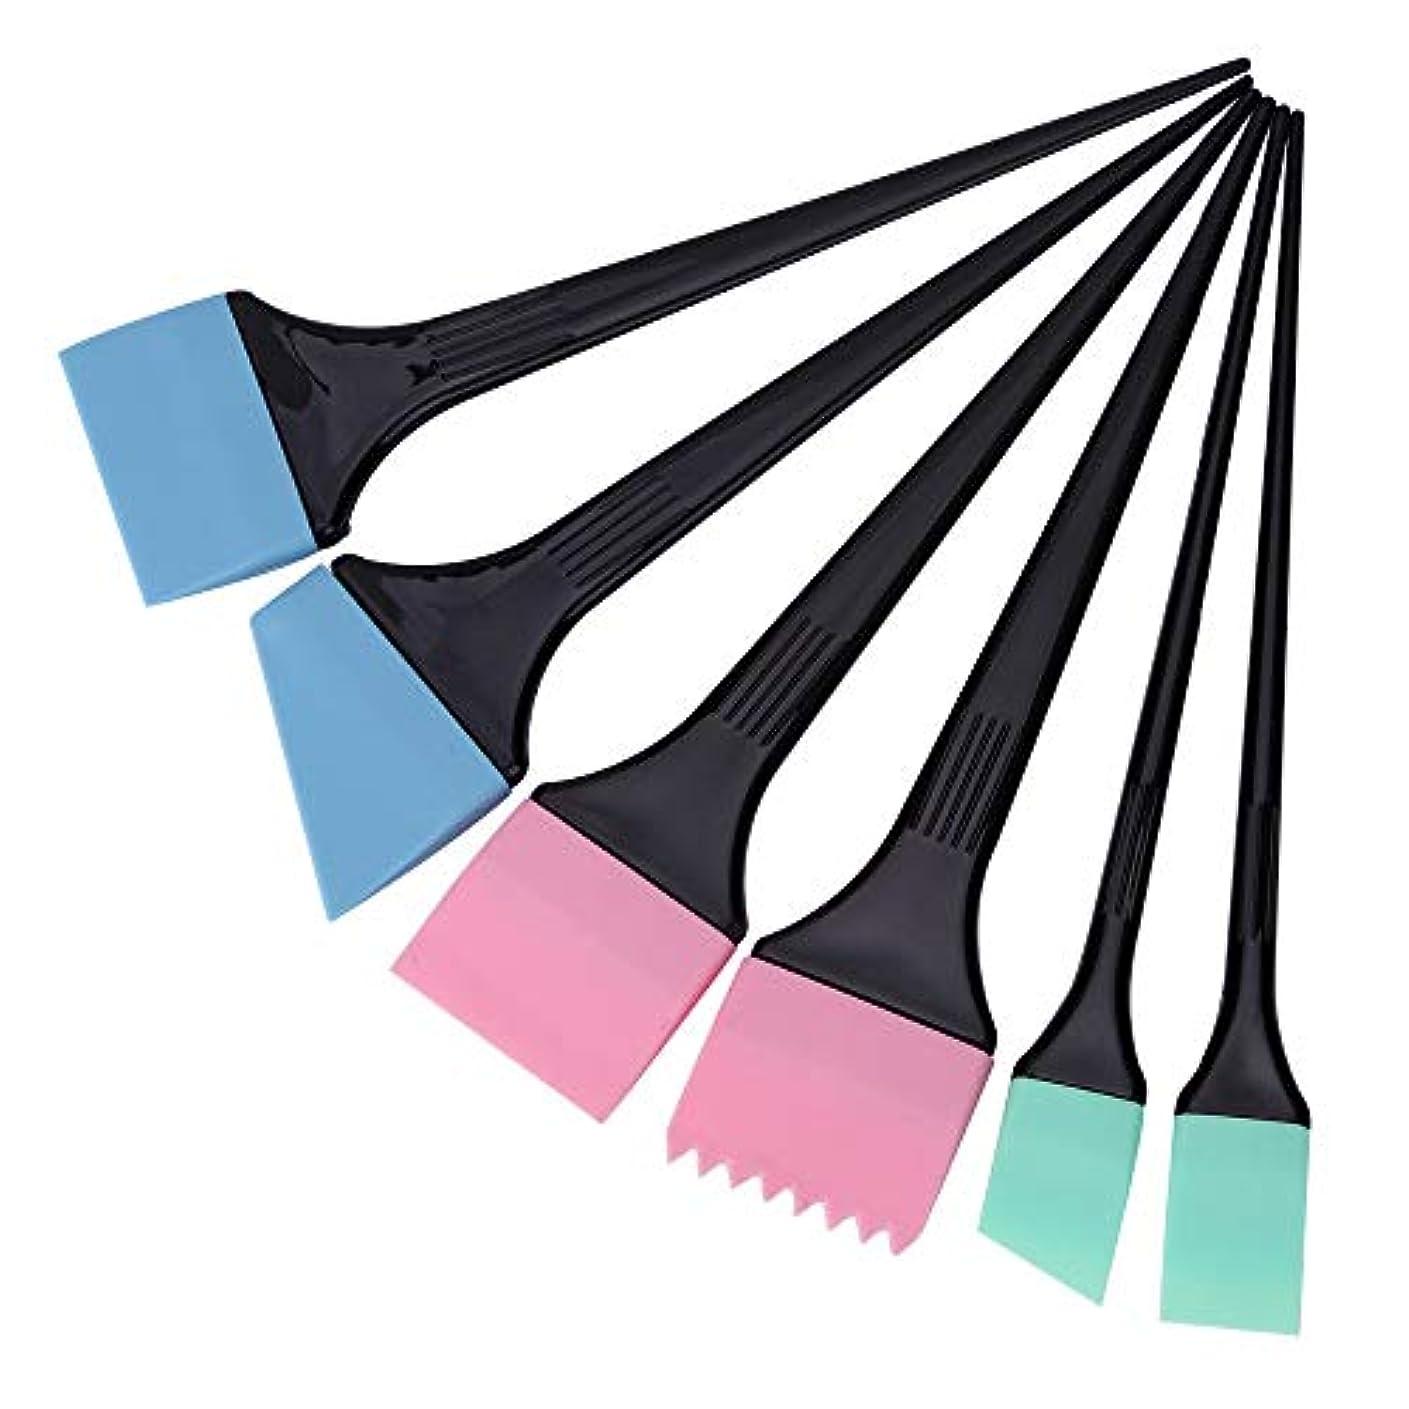 いくつかの保護クレデンシャルヘアダイコーム&ブラシ 毛染めブラシ 6本/セット 着色櫛キット プロサロン 理髪スタイリングツール へアカラーセット グリーン